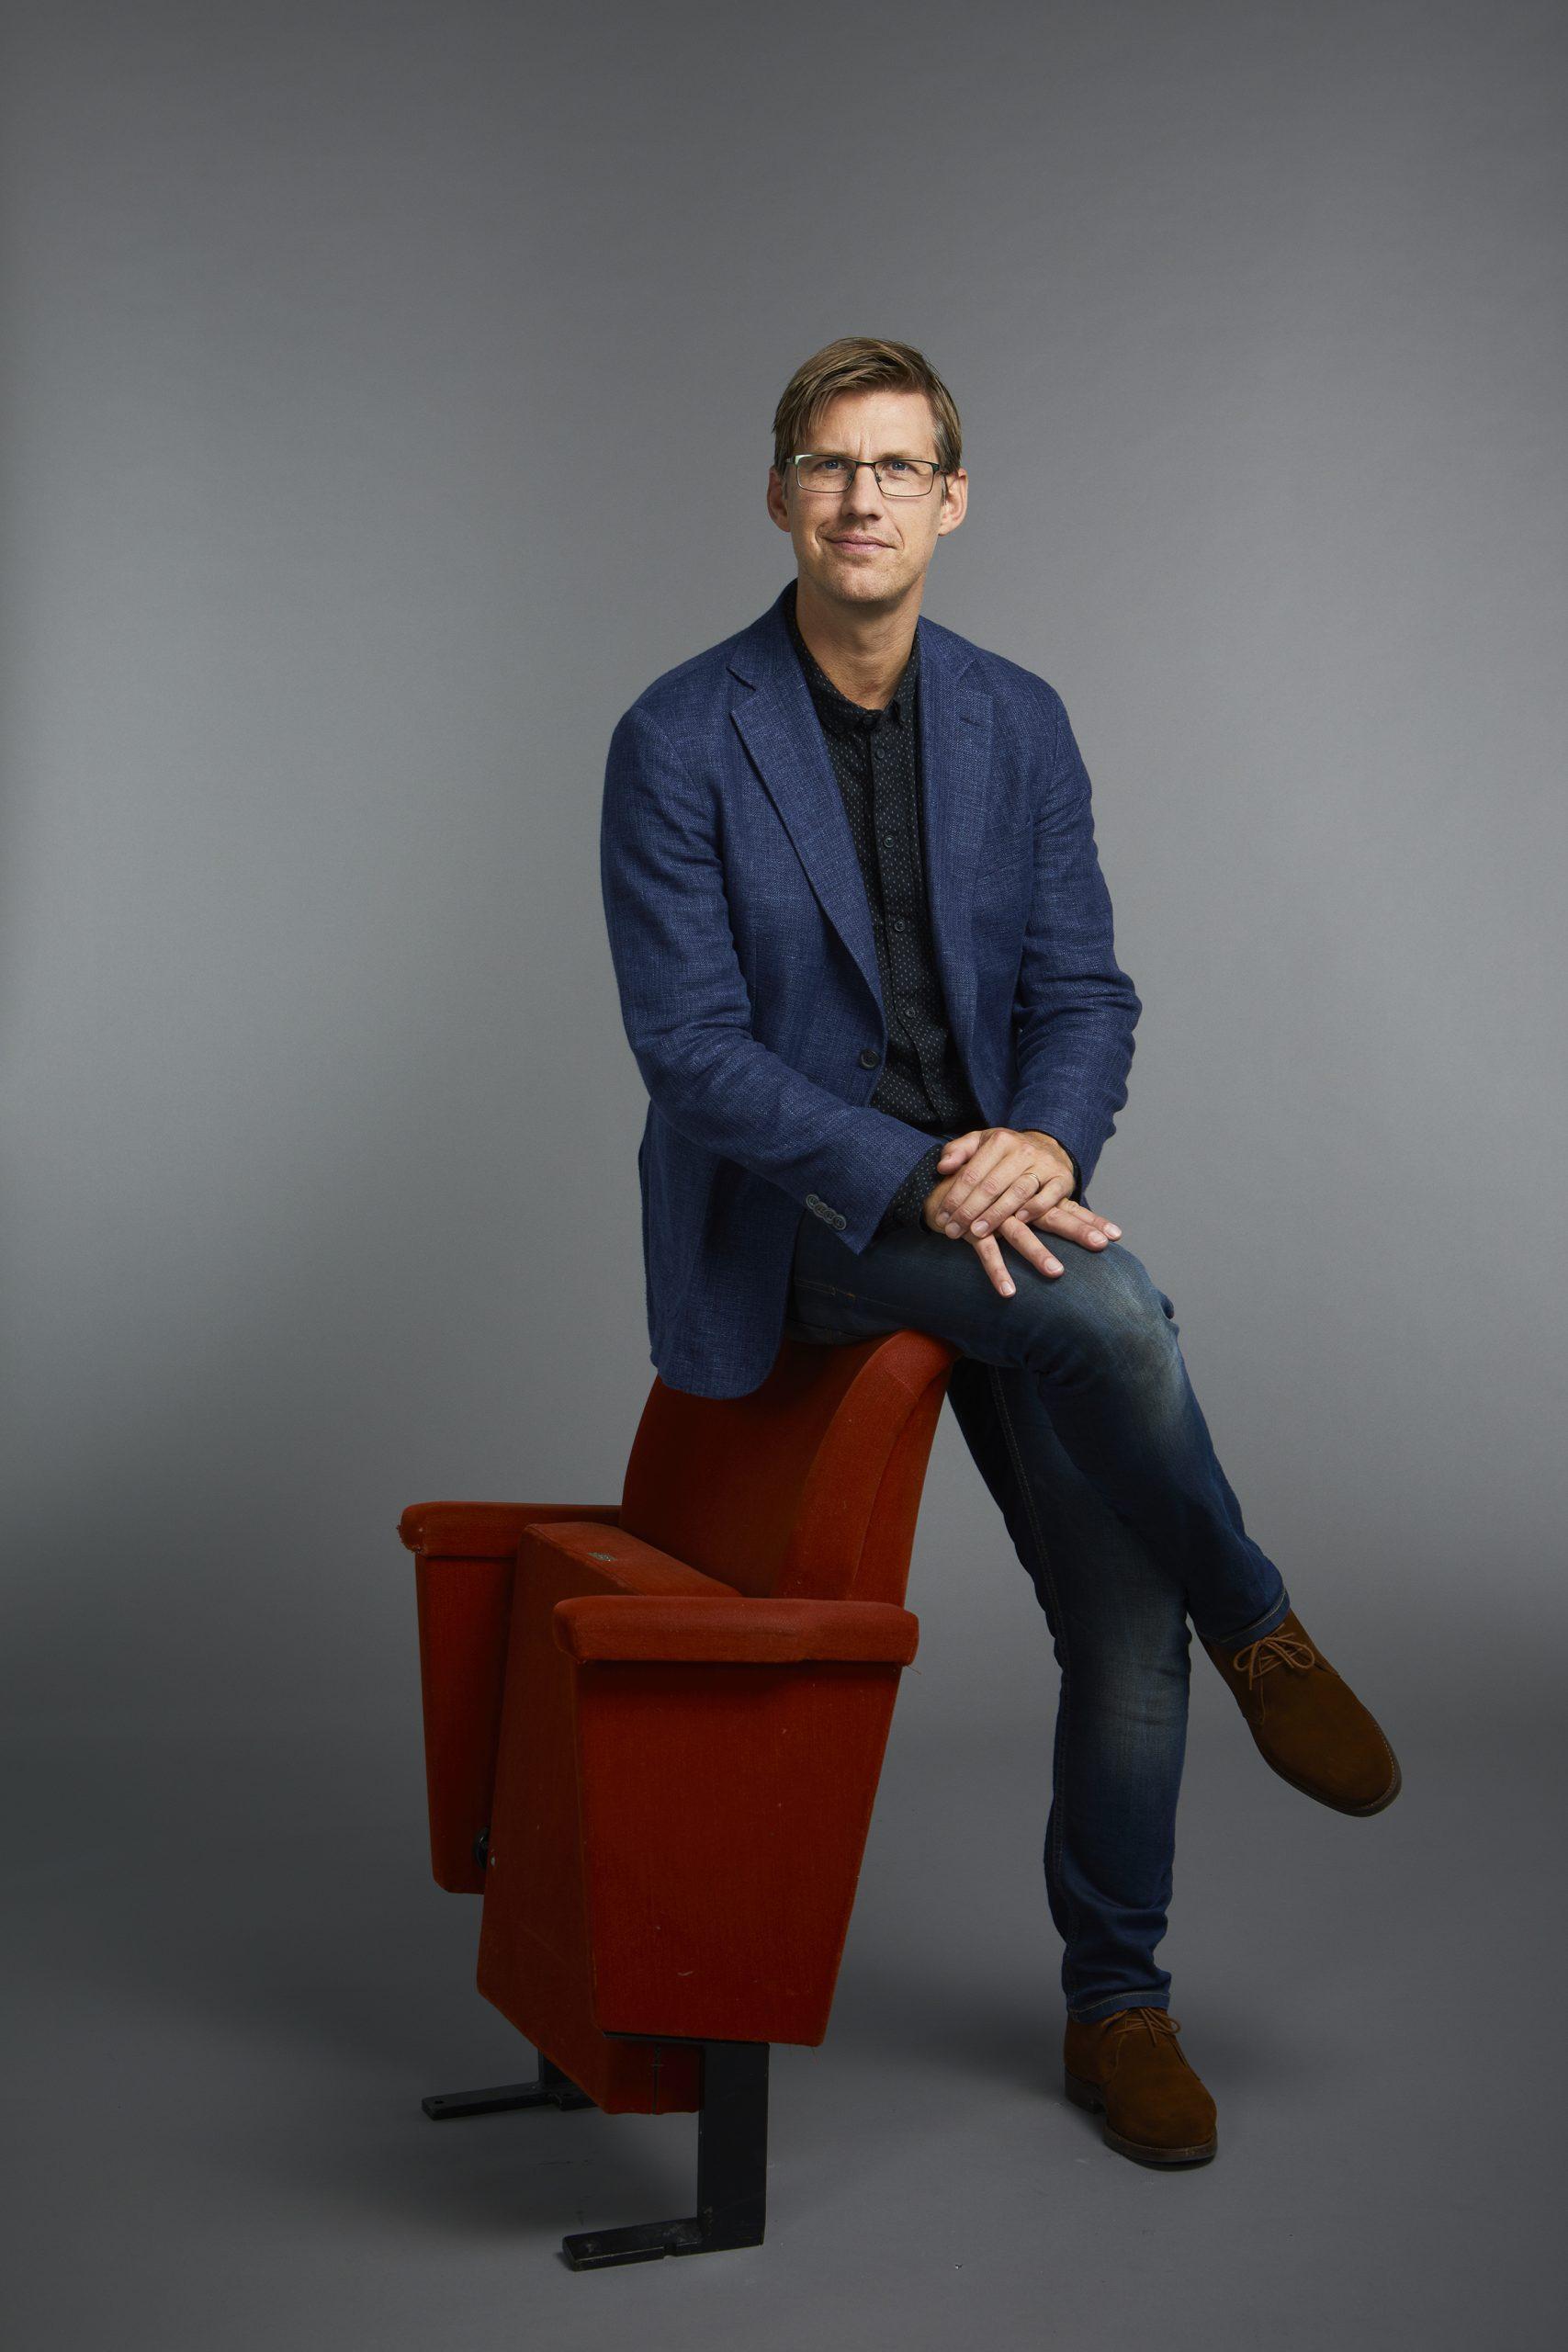 Andreas Lindahl, Photo: Anna Hult